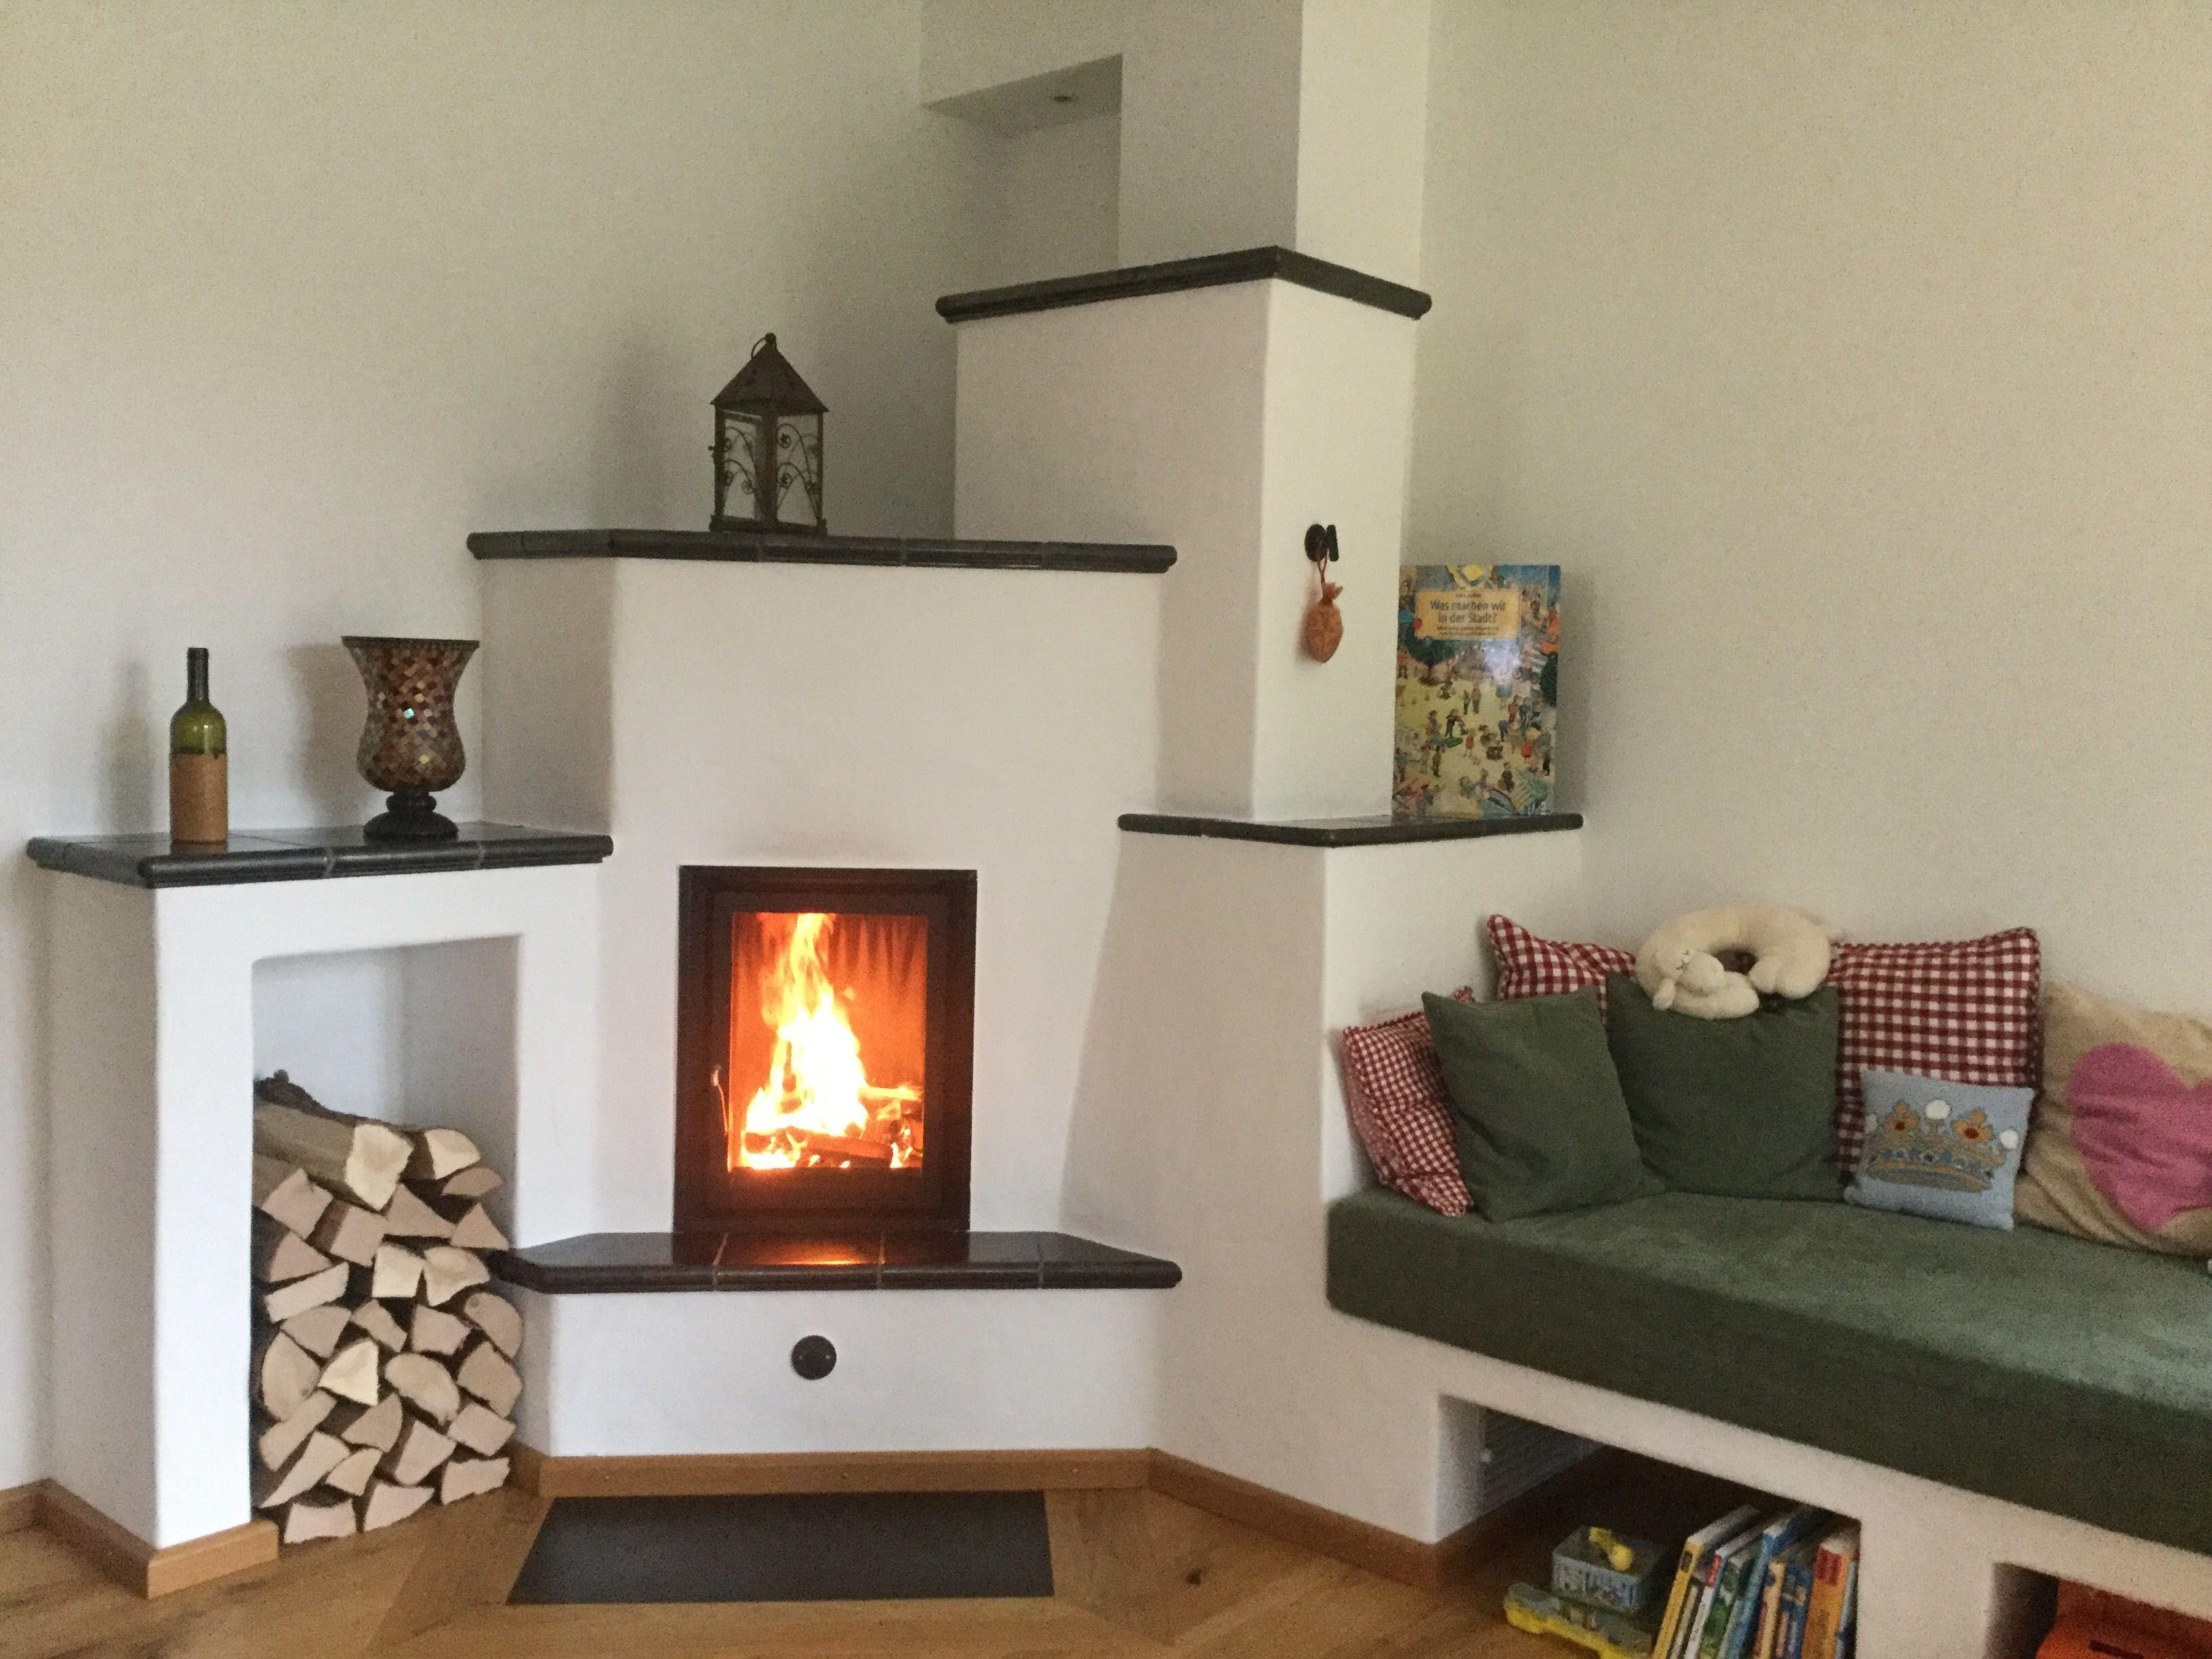 kachelofen mit naturstein abschluss kachelofen grundofen heizkamin kamin ofen naturstein. Black Bedroom Furniture Sets. Home Design Ideas